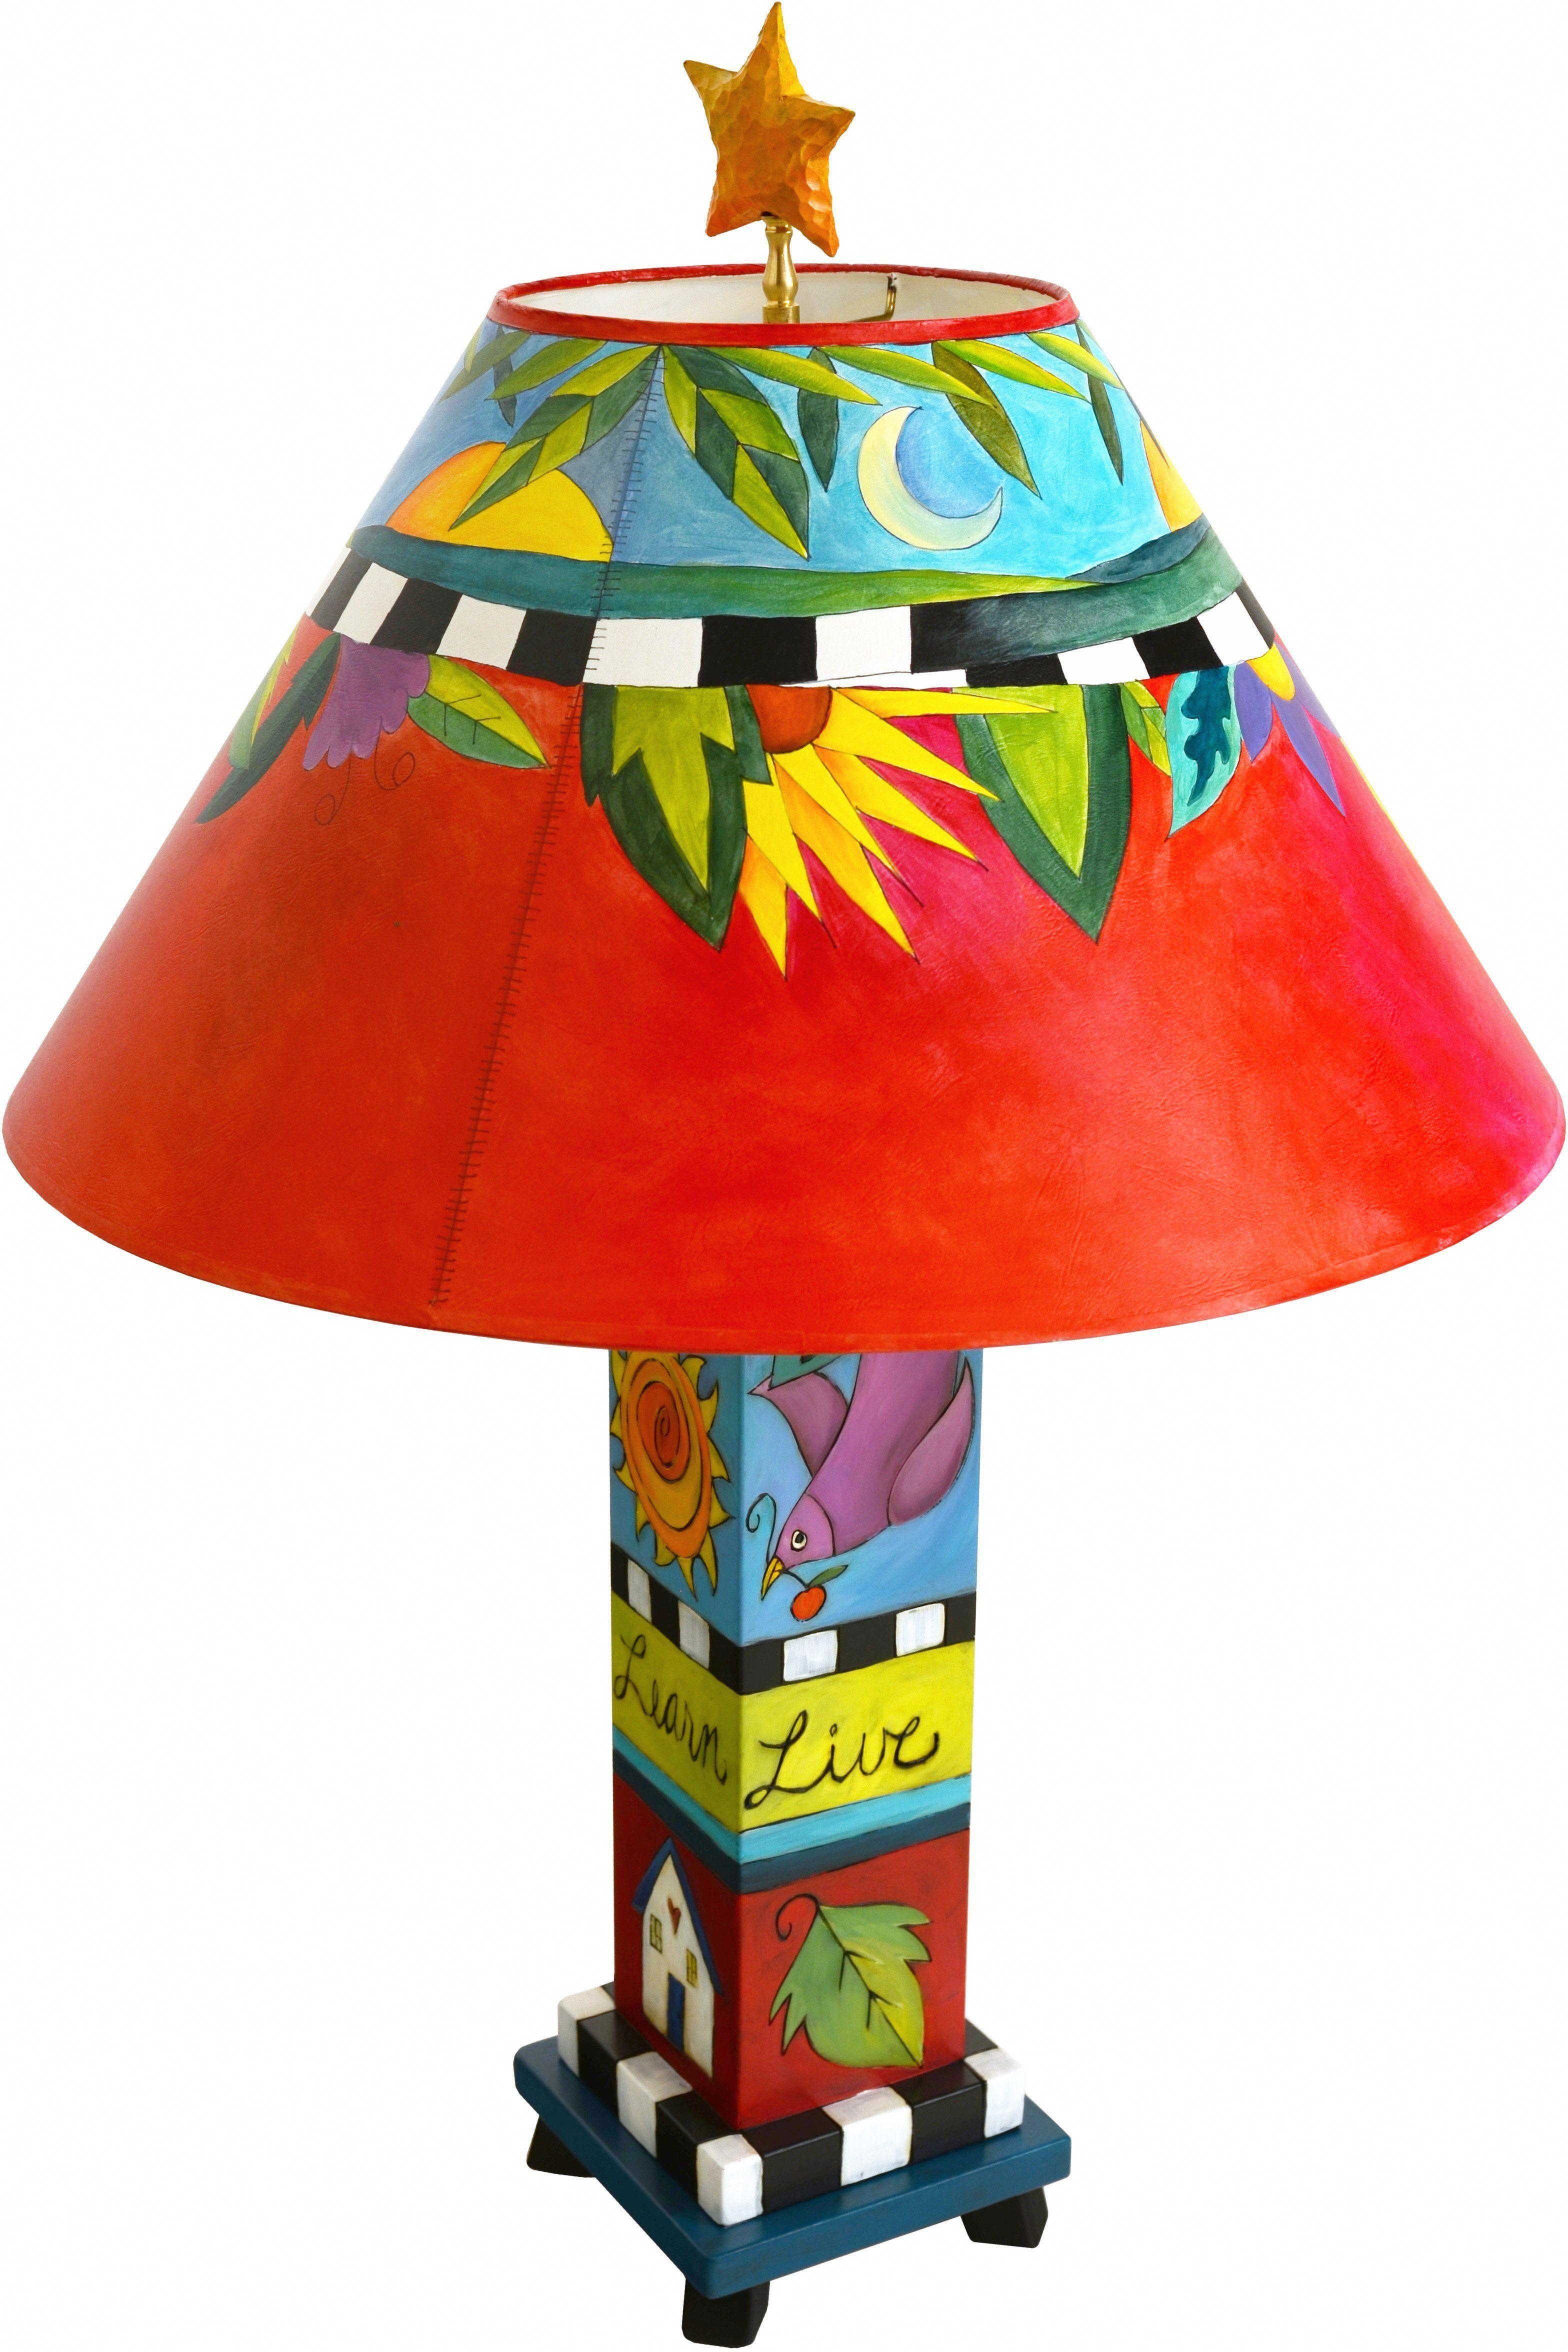 Funky Furniture En Ligne Meublesdepeintureenaerosol Funky Painted Furniture Painted Furniture Painting Lamps